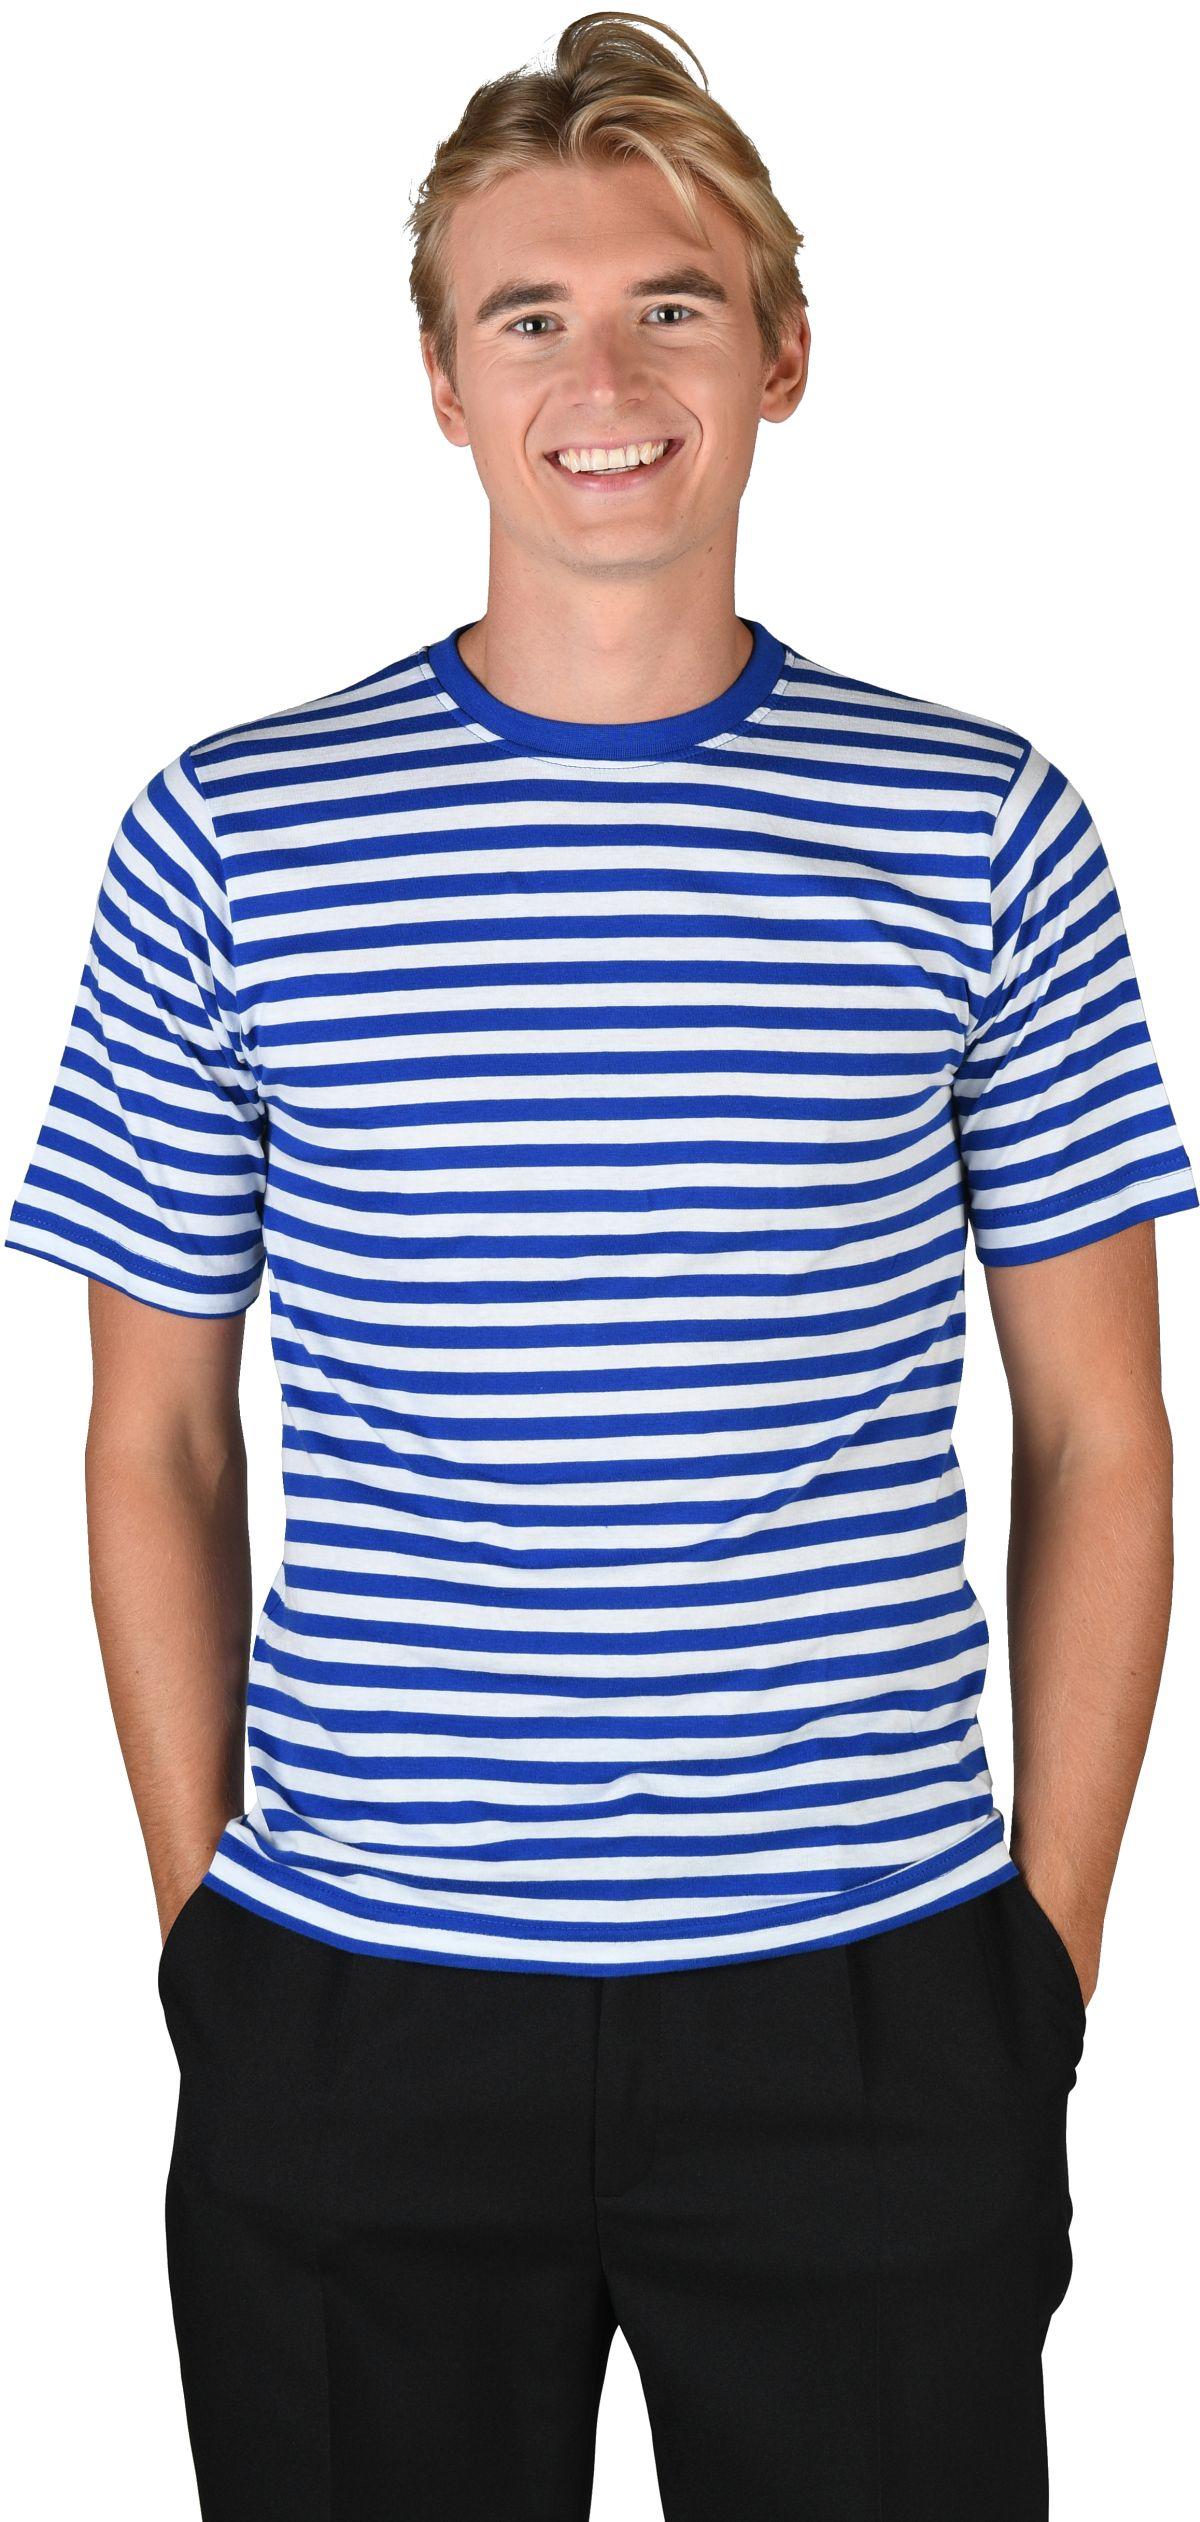 de021bc7982210 Ringelshirt blau weiß Deluxe